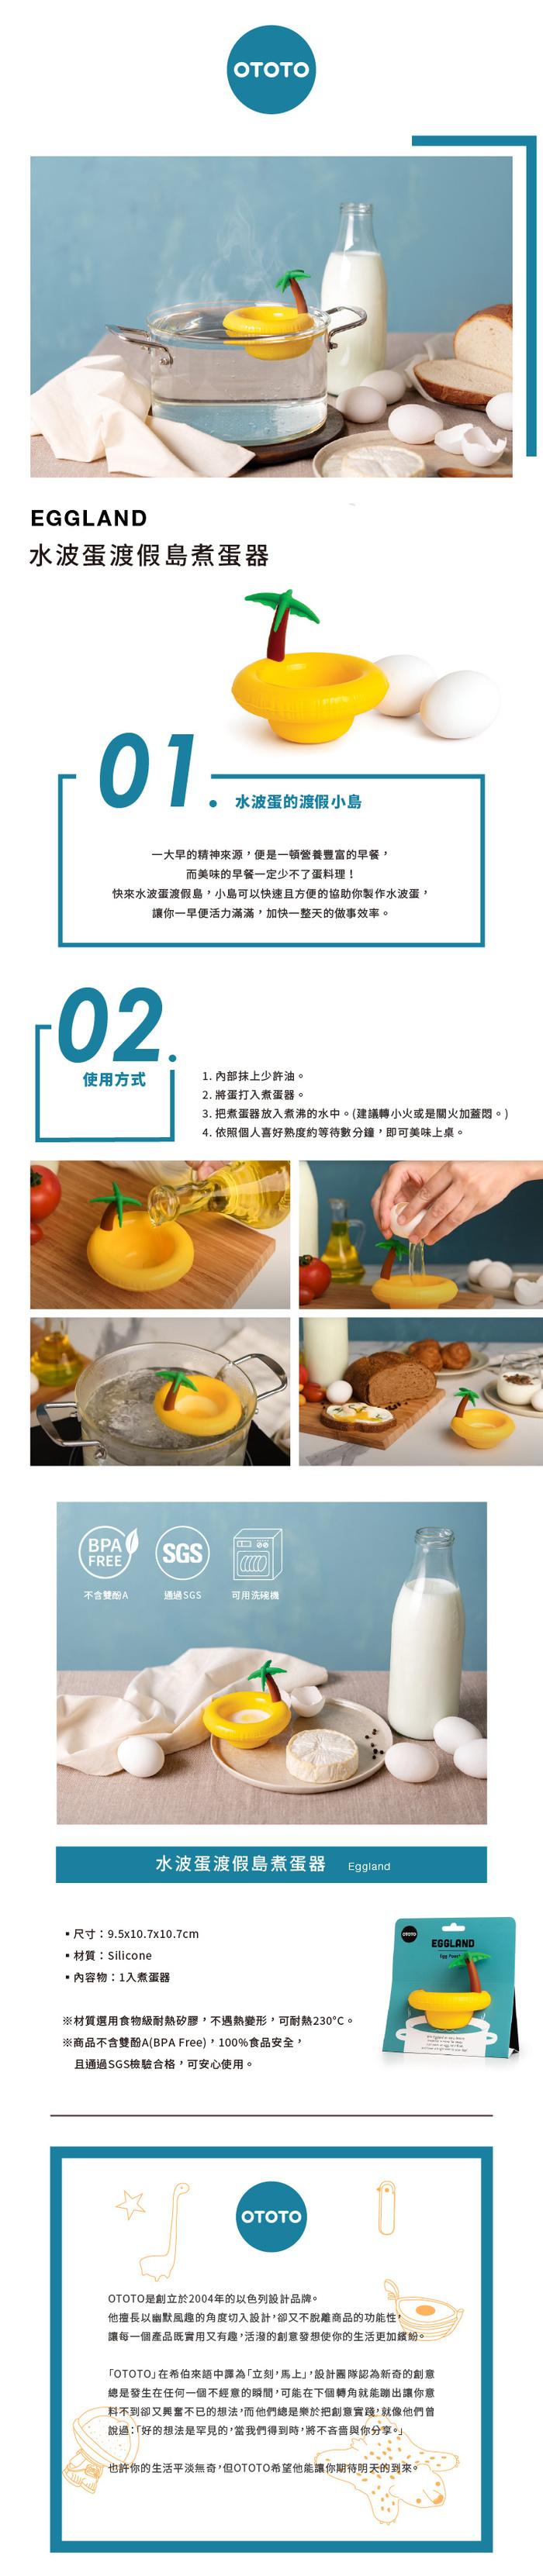 (複製)OTOTO|伯特-奶油起士刀